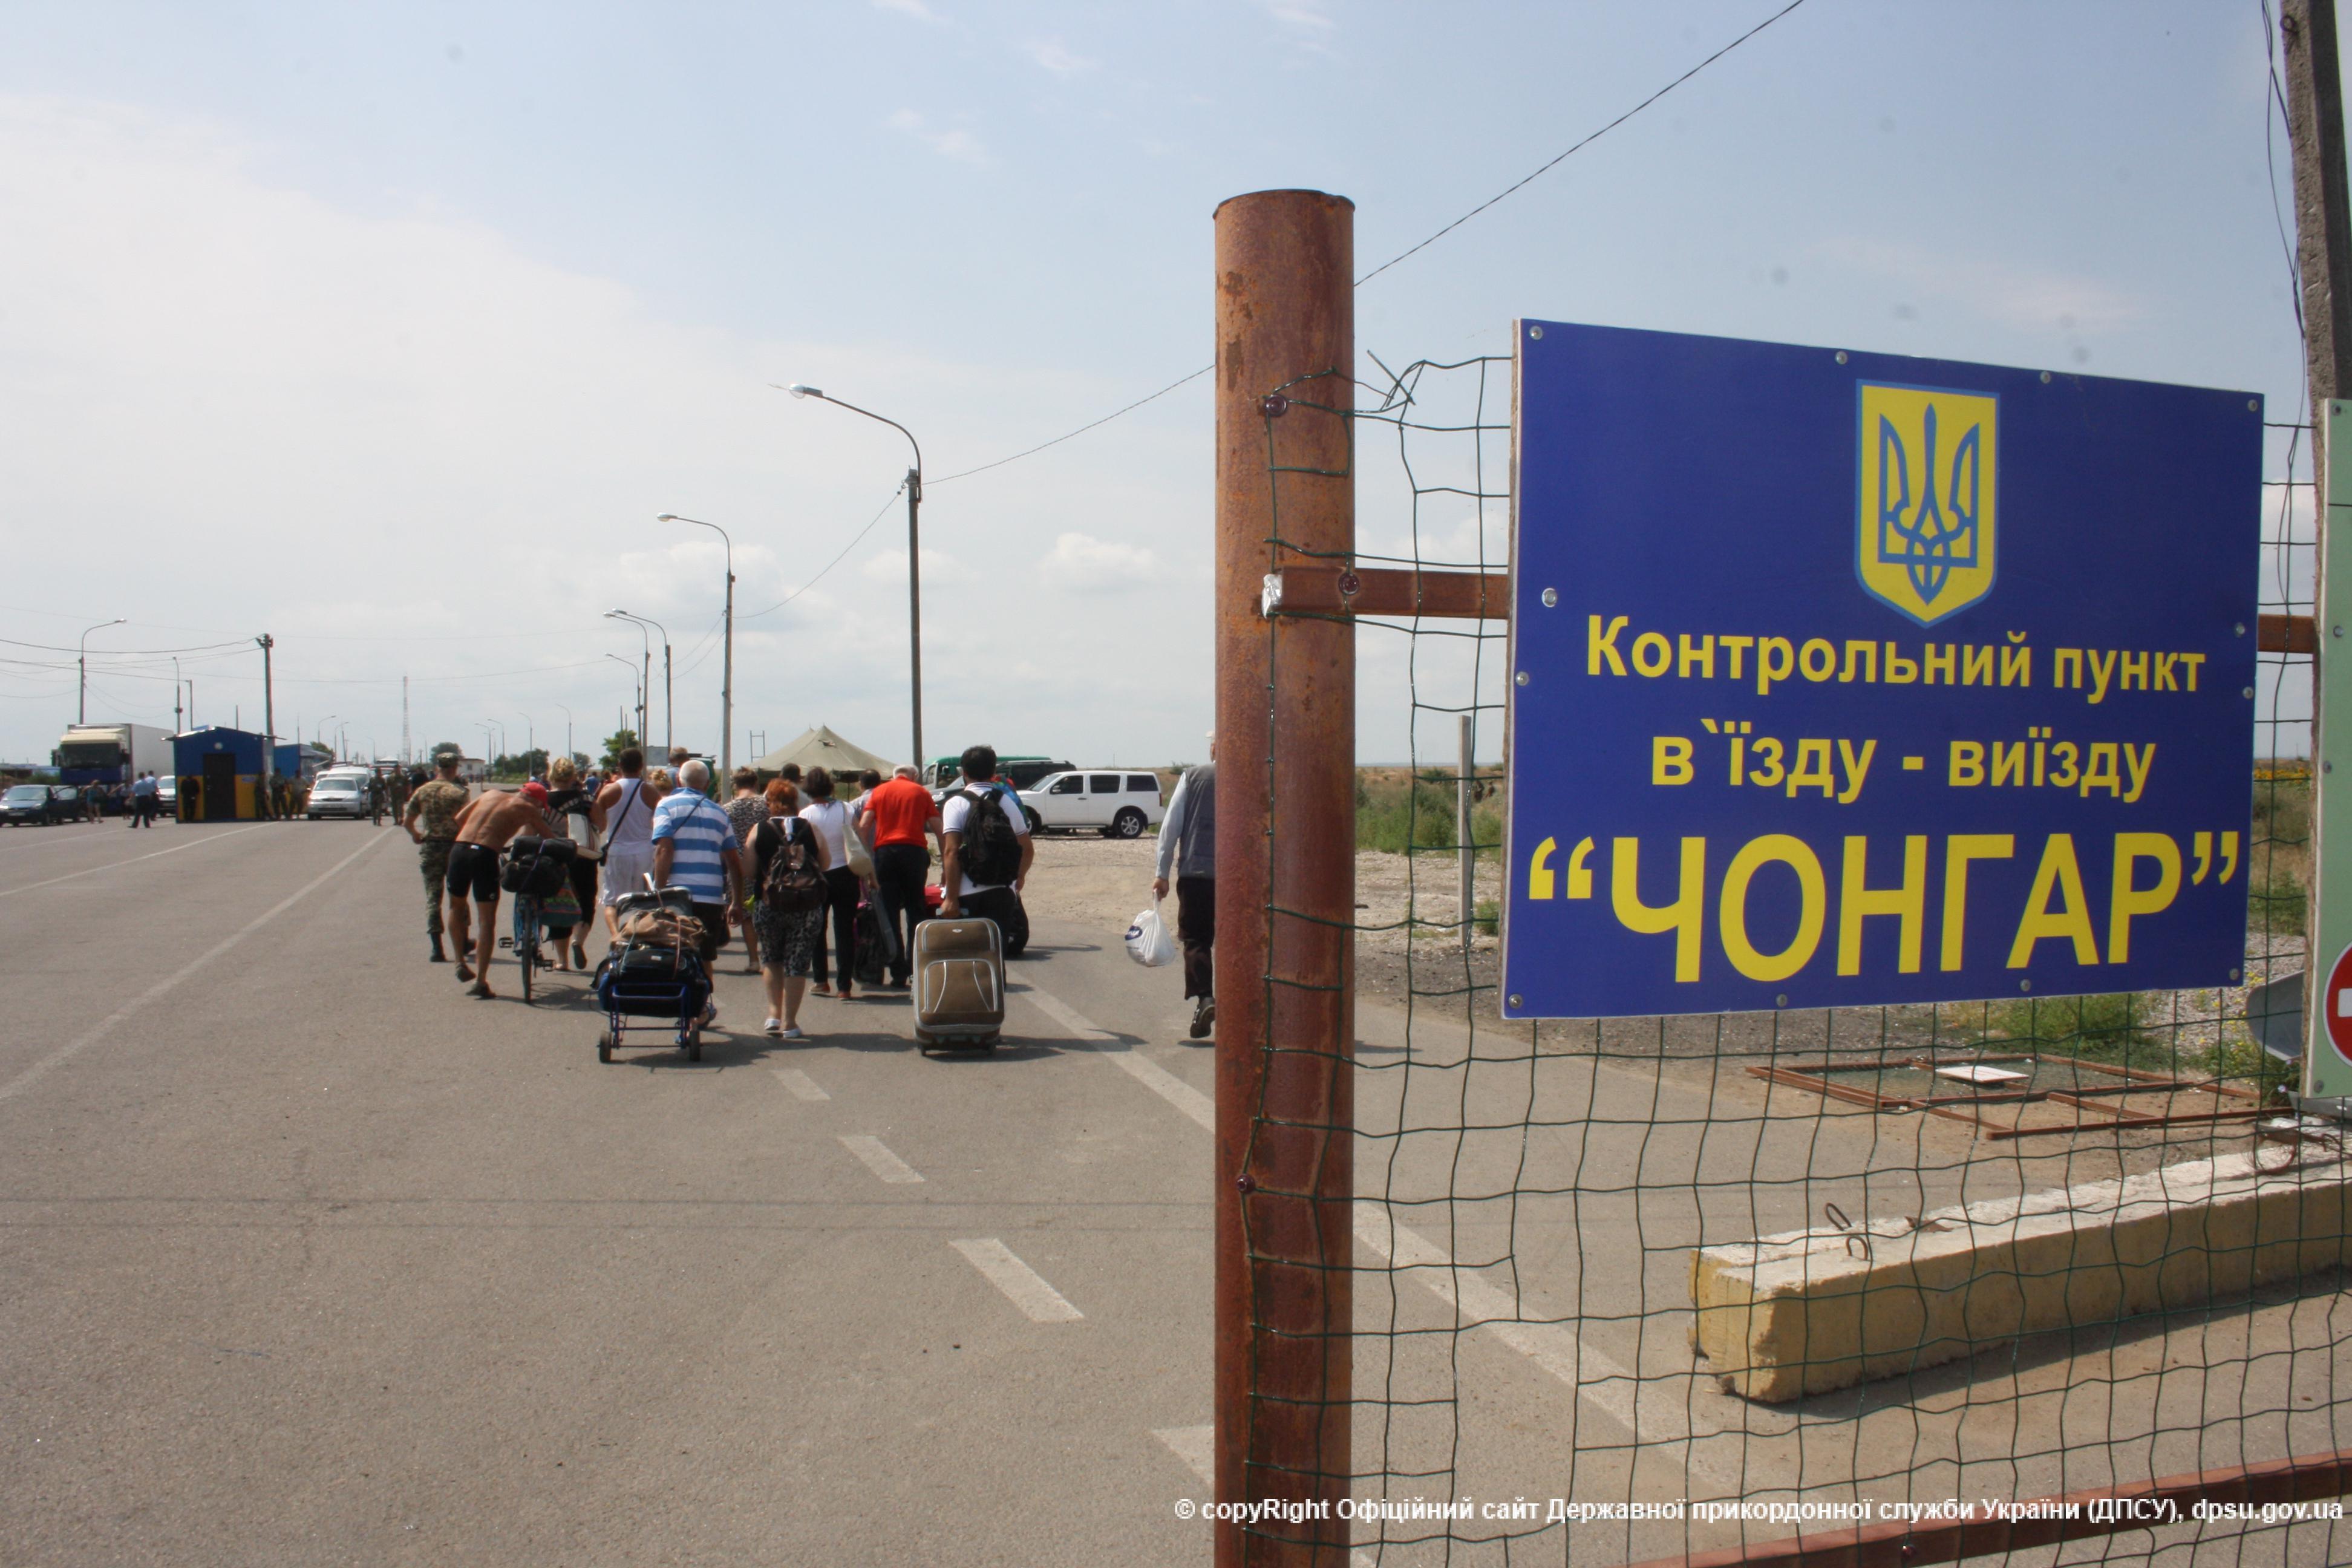 Прикордонники не пропустили через адмінмежу 10 таджиків, один з яких запропонував хабар